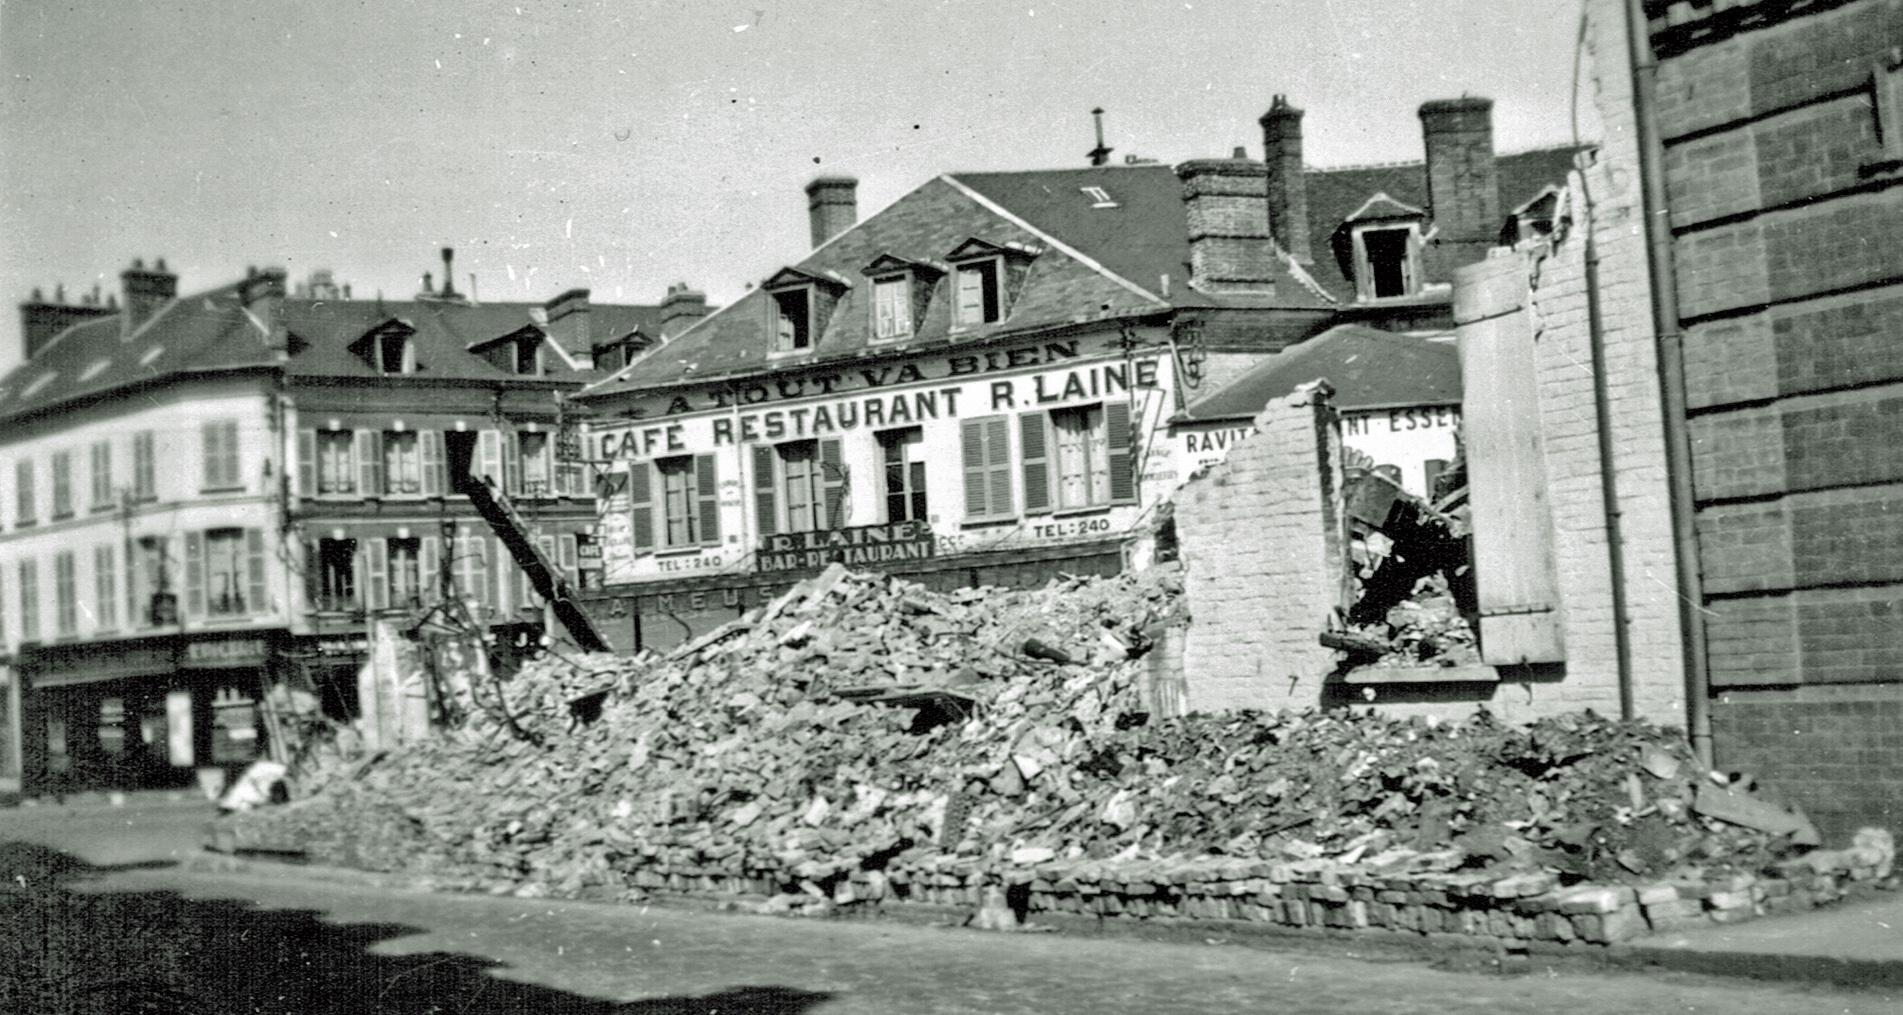 Juni 1941 café restaurant R.Laine A Tout Va Bien